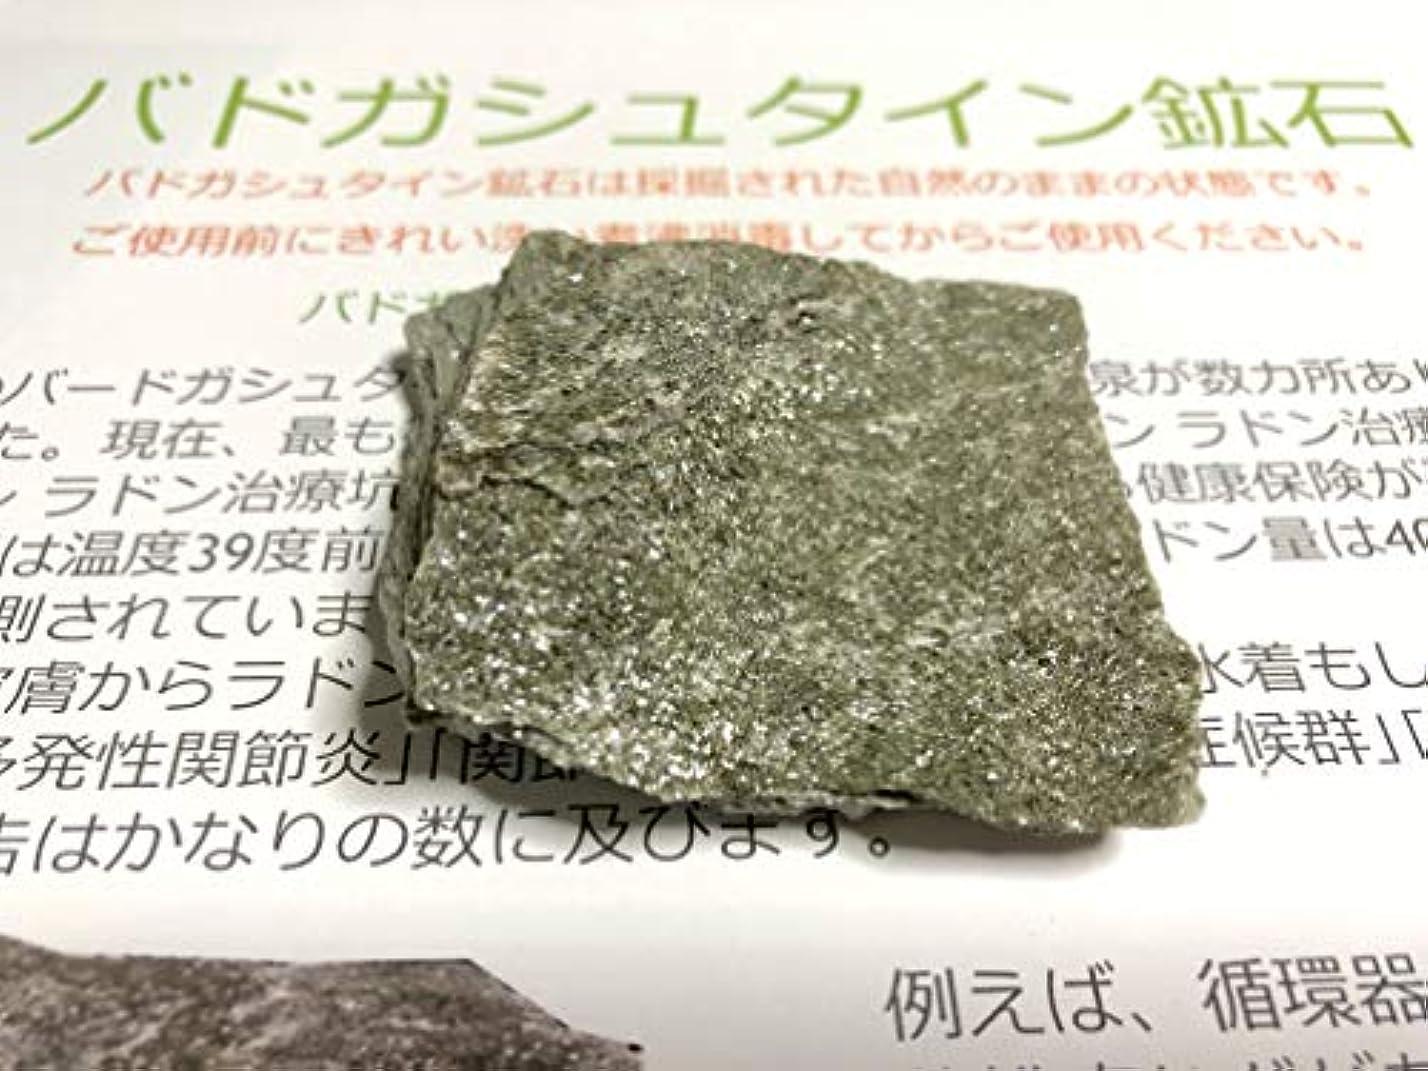 狂気パブ虫バドガシュタイン鉱石 クラス2 約0.4~1μSV/h未満 (約100g詰め)